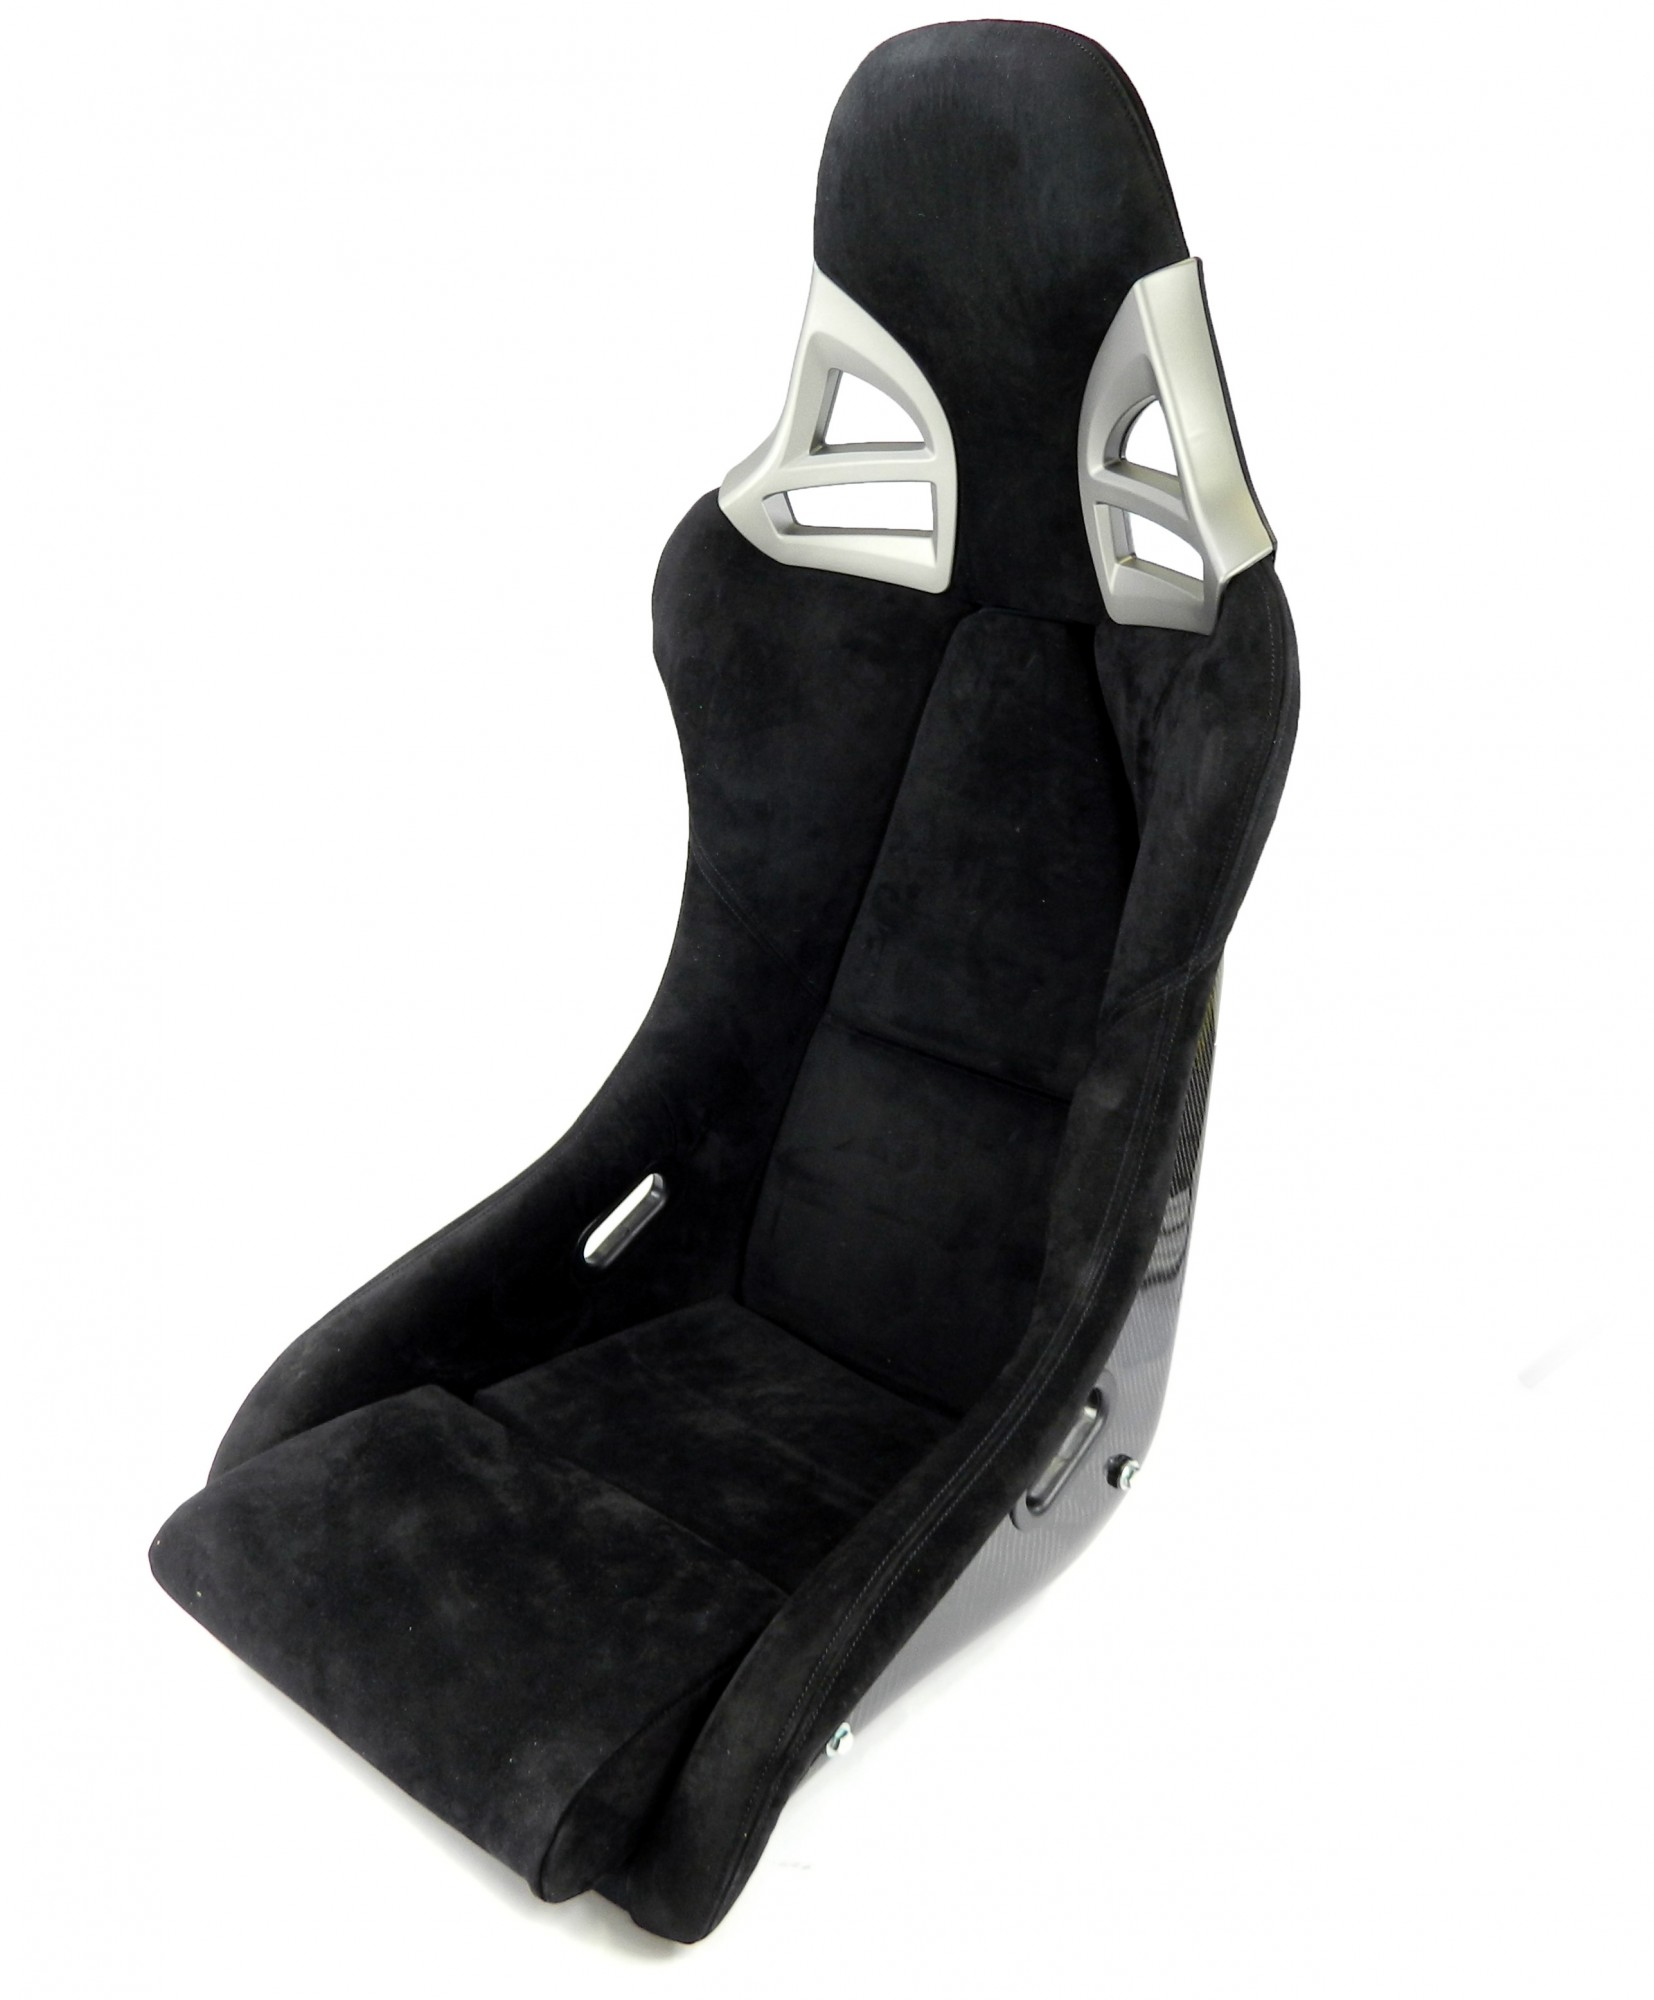 2x Carbon Sportsitz 997-GT3-Optik Alcantara schwarz + Konsole & Laufschiene